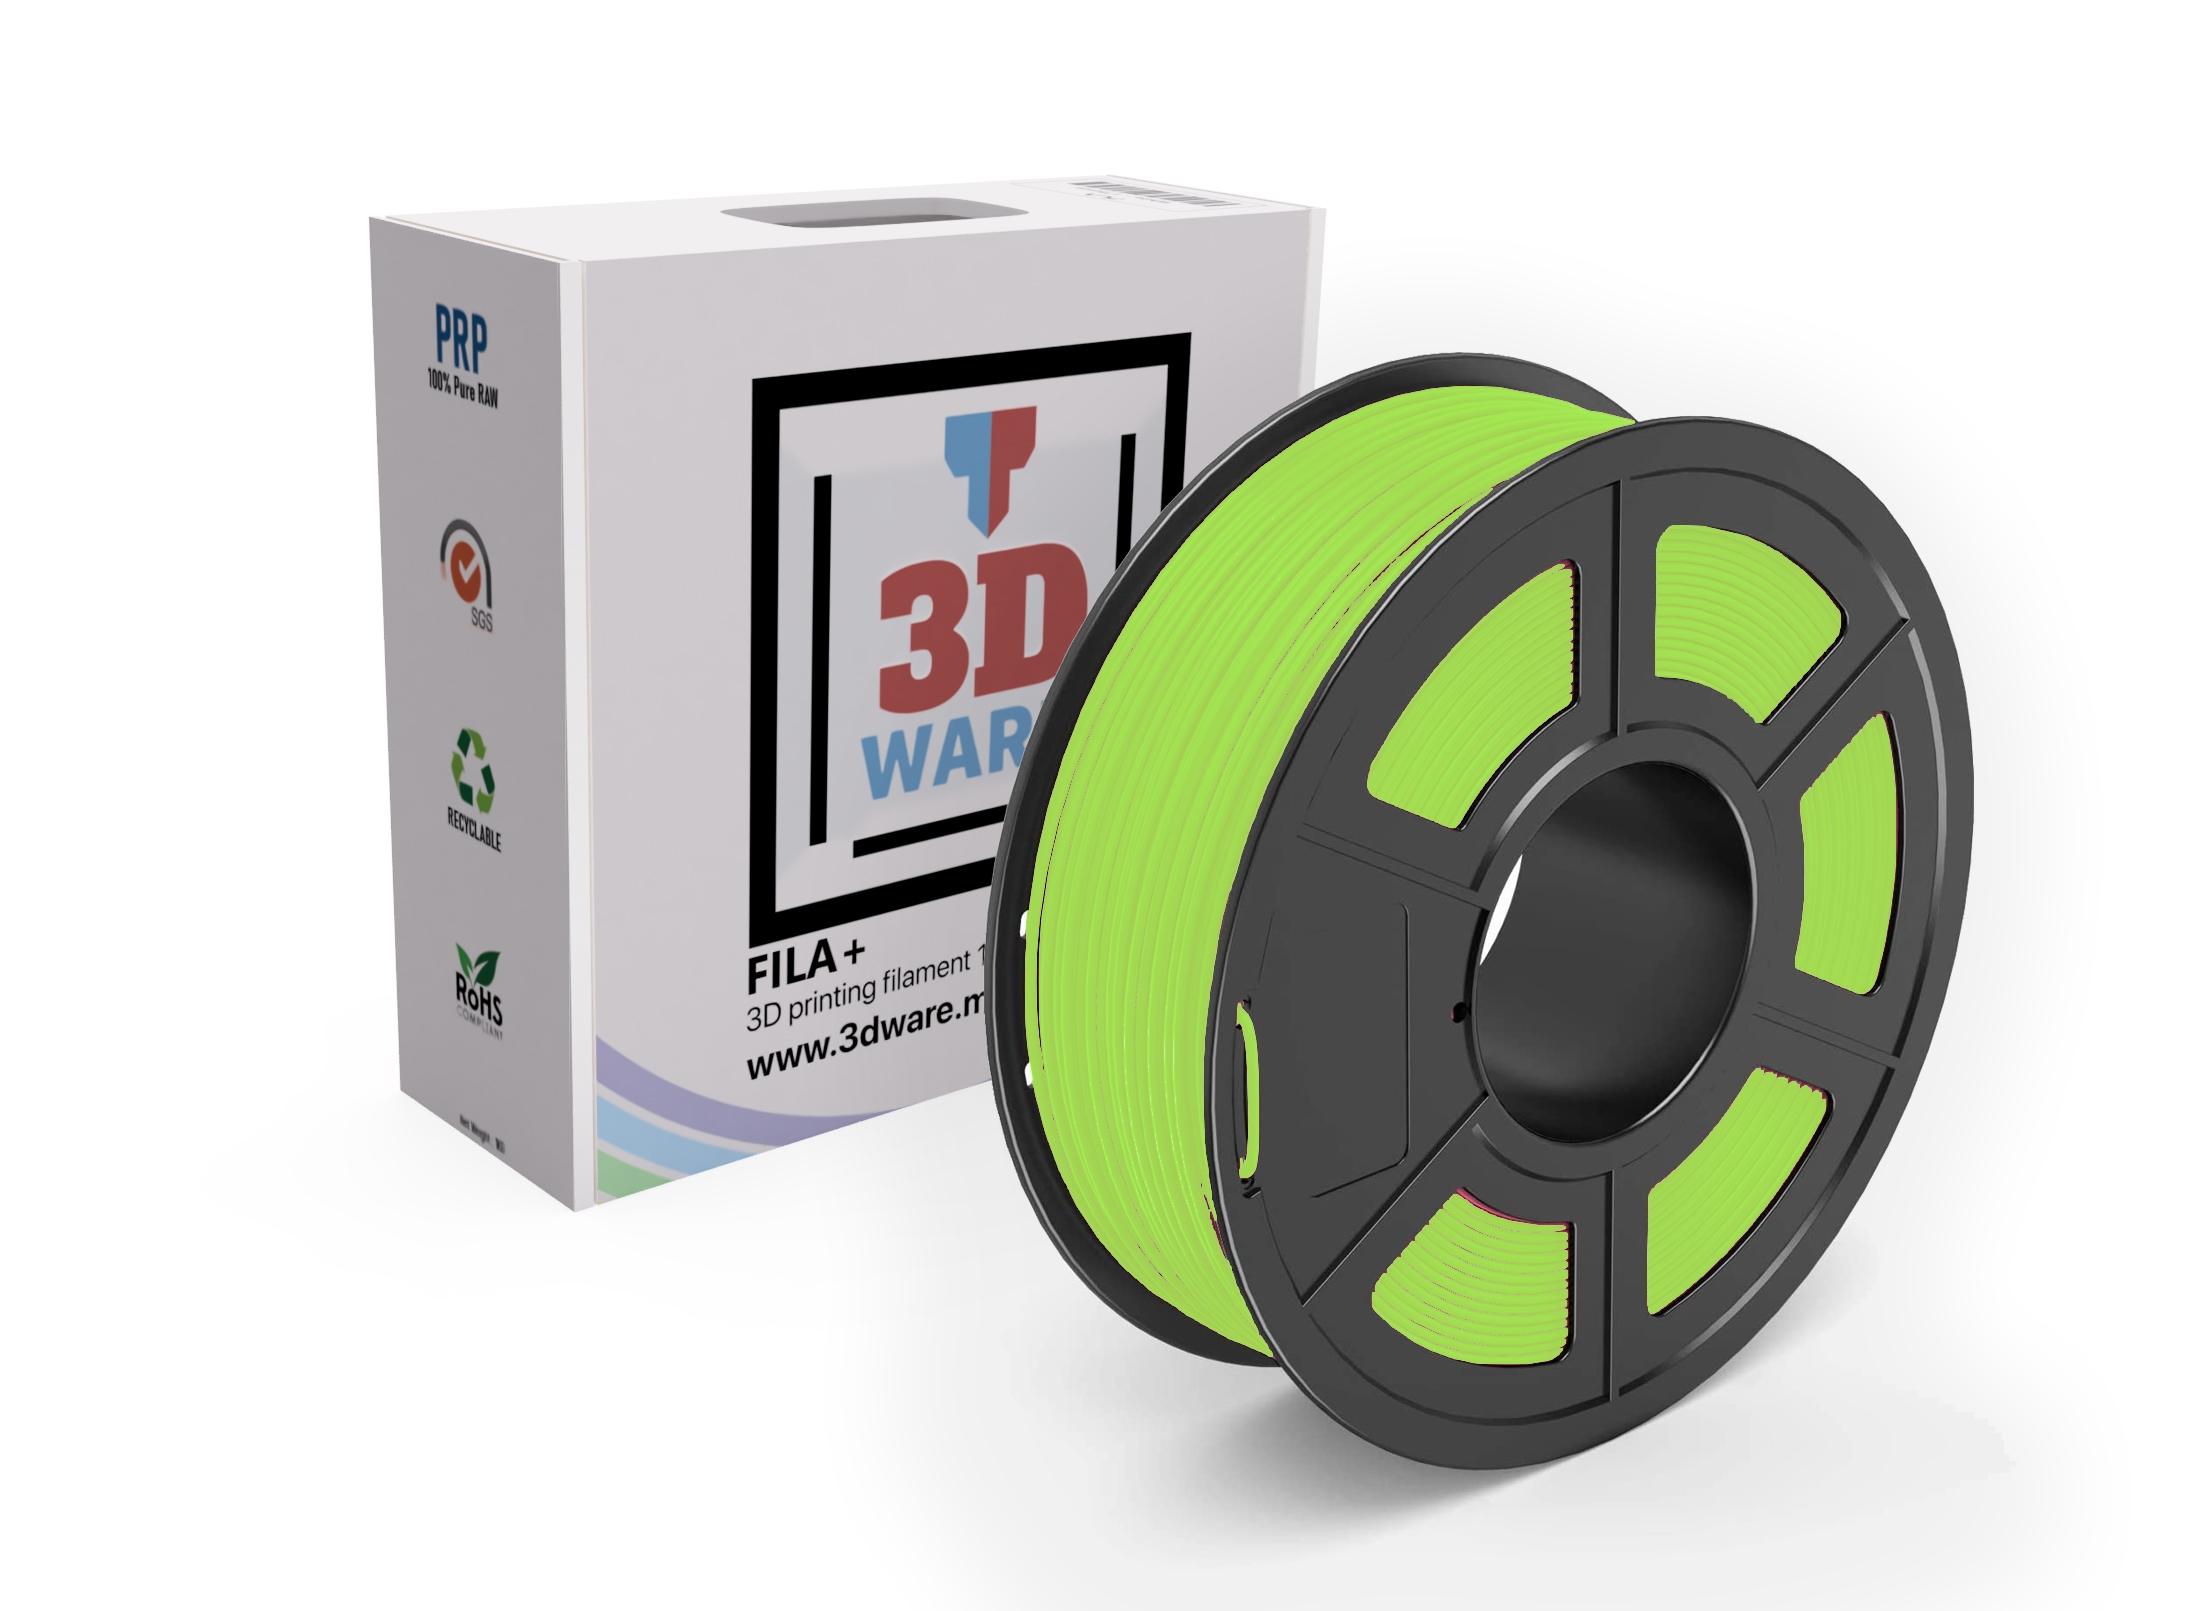 Filament 3D PLA FILA+ Pro Jaune 1.75mm 1kg